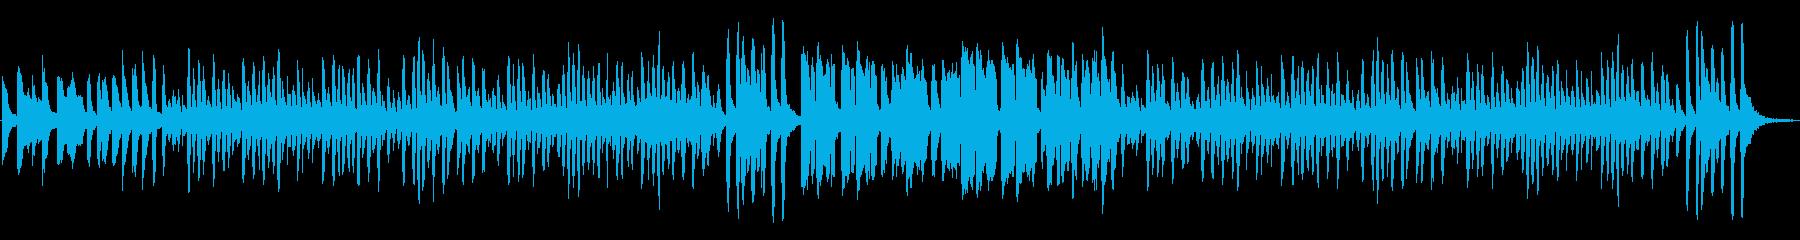 ほのぼの日常、コミカルでルンルンな曲Cの再生済みの波形